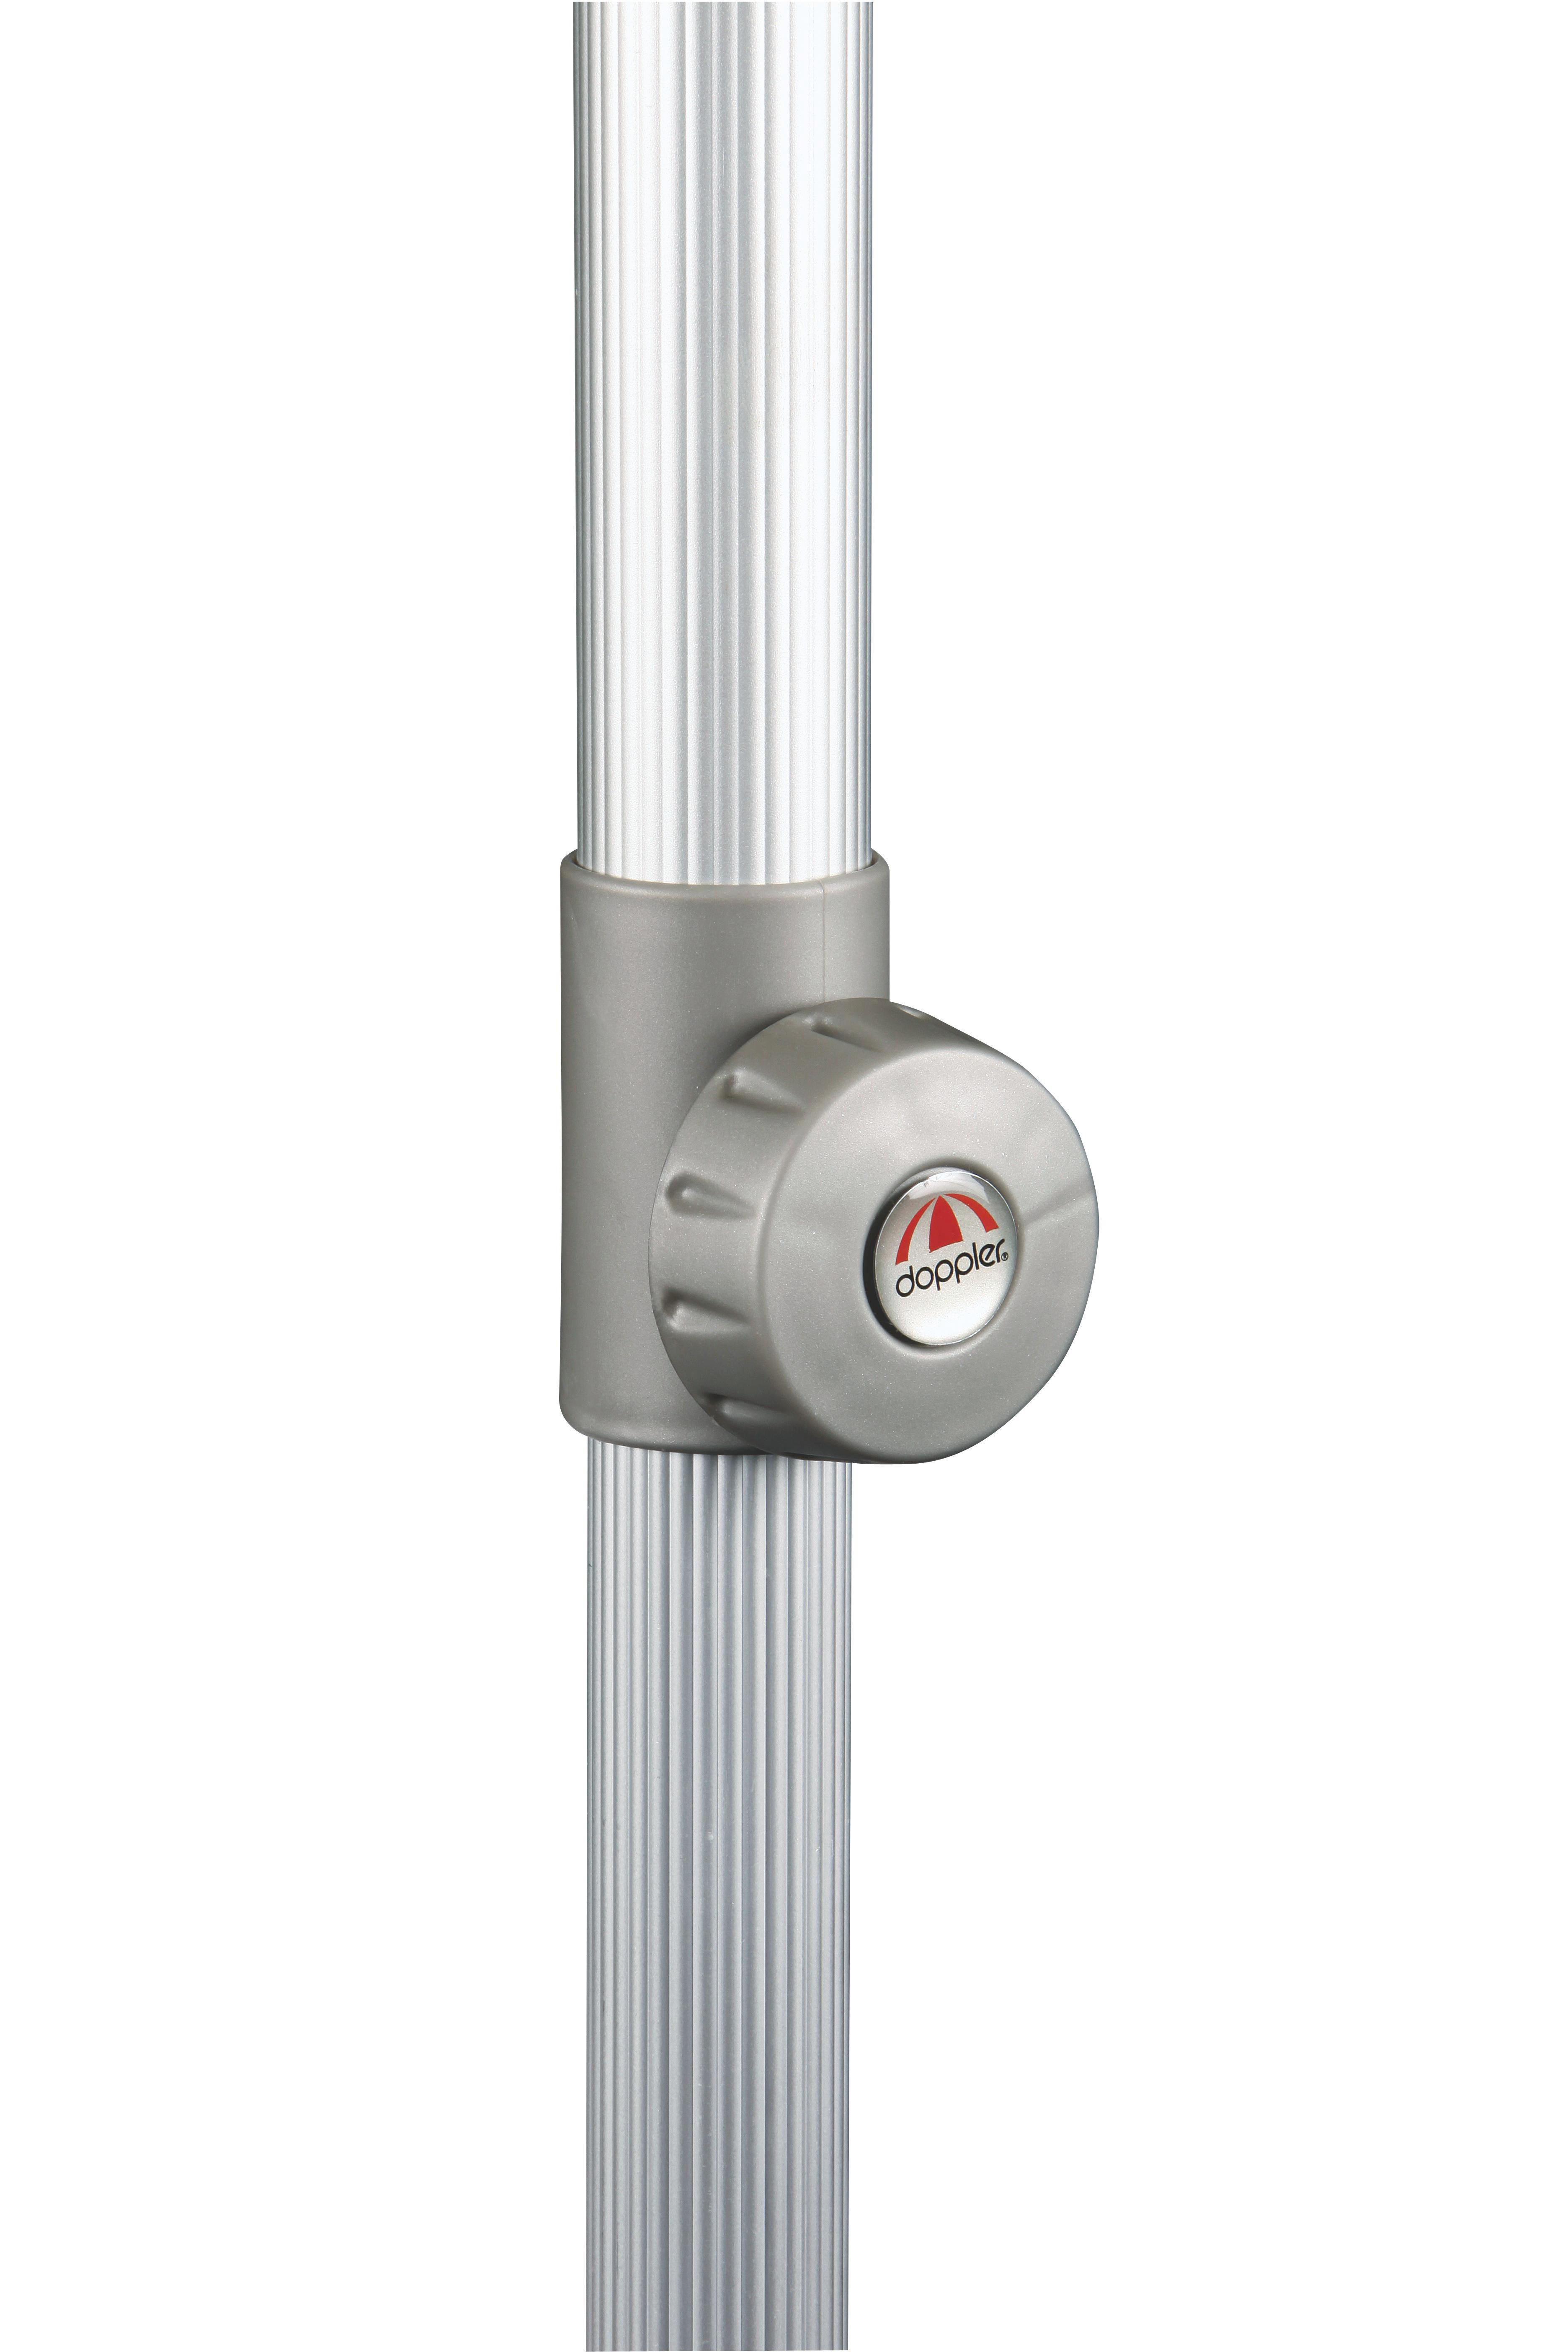 SONNENSCHIRM 200x250 cm Greige - Greige/Silberfarben, KONVENTIONELL, Textil/Metall (250/200cm)